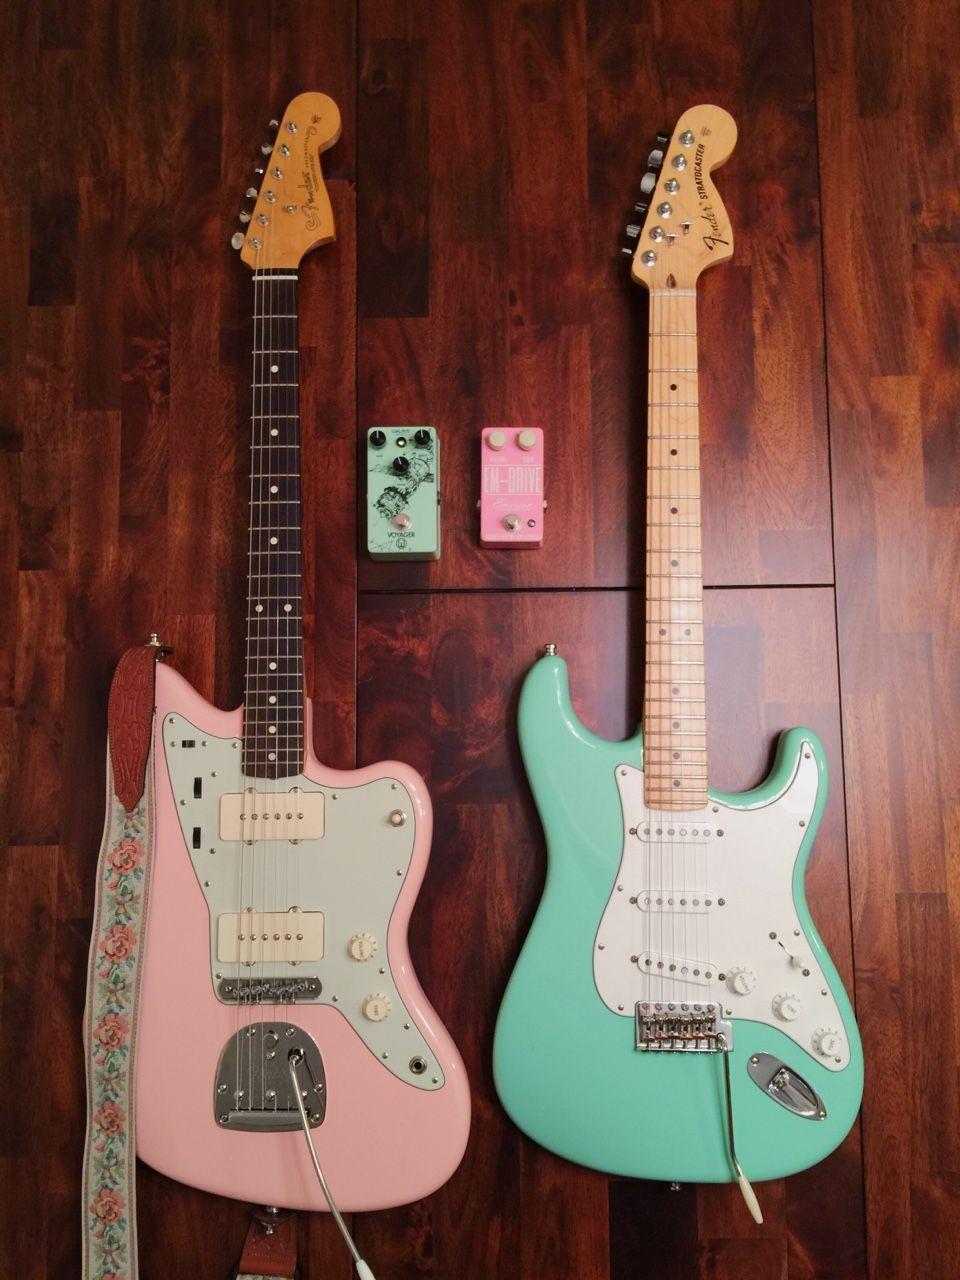 pastel battle fender jazzmaster in shell pink vs fender stratocaster in sonic blue guitar. Black Bedroom Furniture Sets. Home Design Ideas